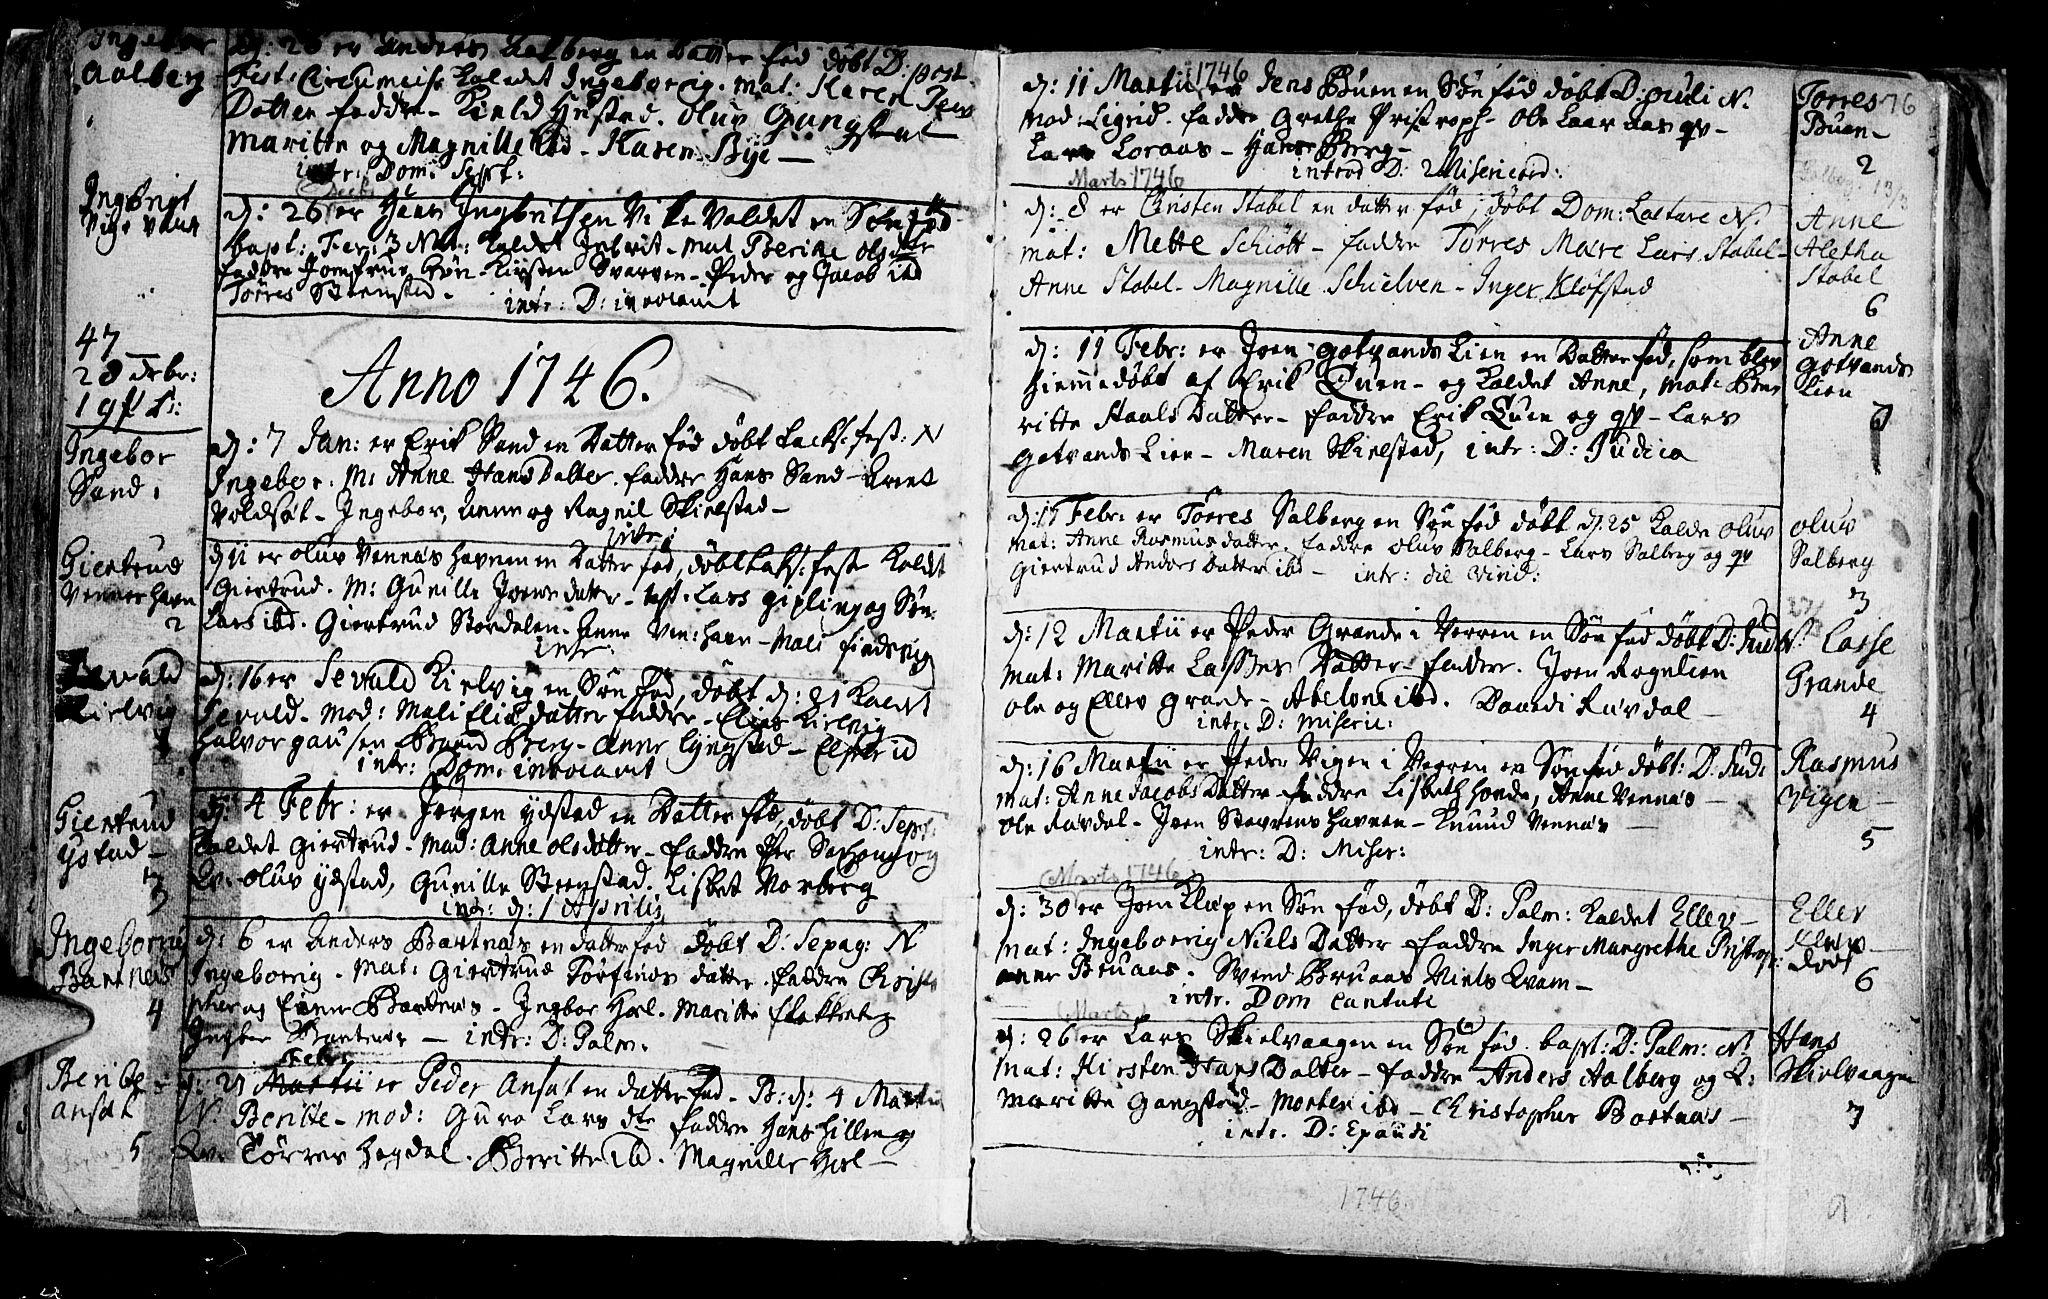 SAT, Ministerialprotokoller, klokkerbøker og fødselsregistre - Nord-Trøndelag, 730/L0272: Parish register (official) no. 730A01, 1733-1764, p. 76